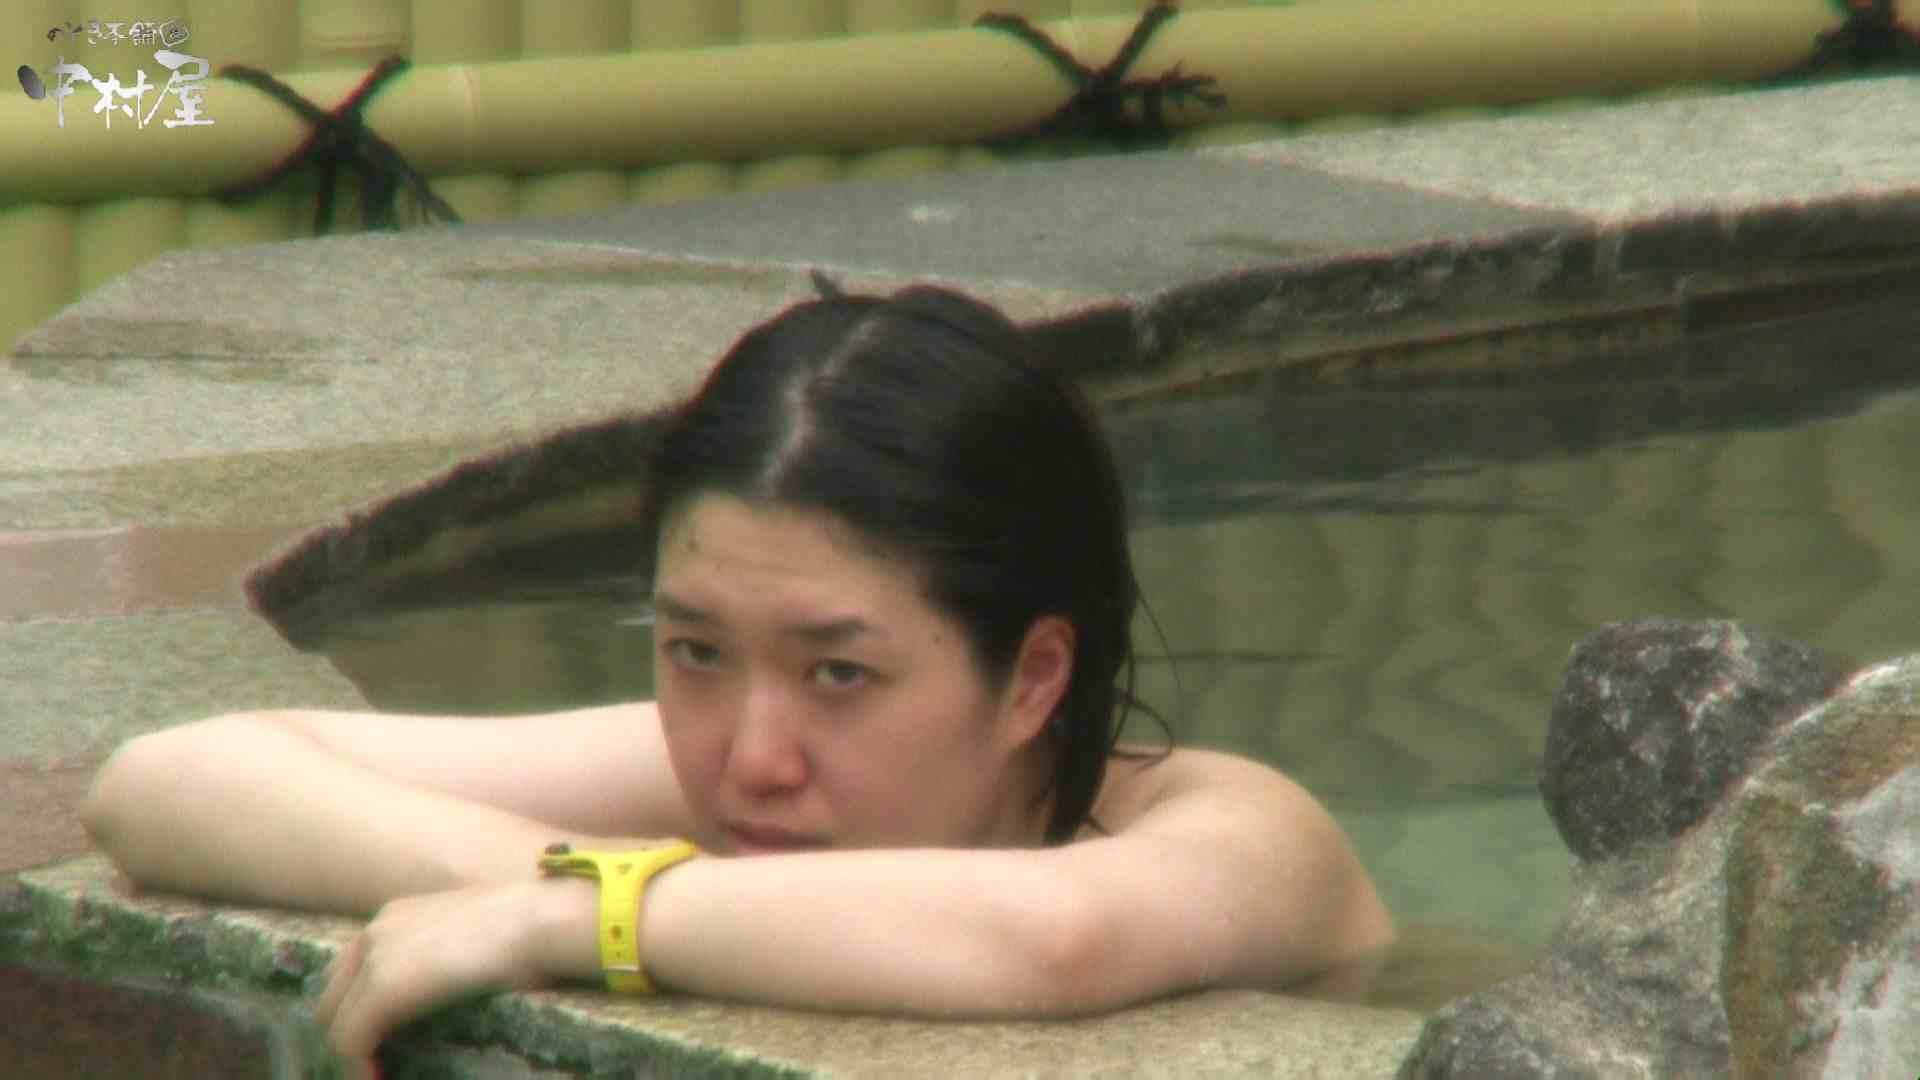 Aquaな露天風呂Vol.946 盗撮   OLすけべ画像  95連発 37